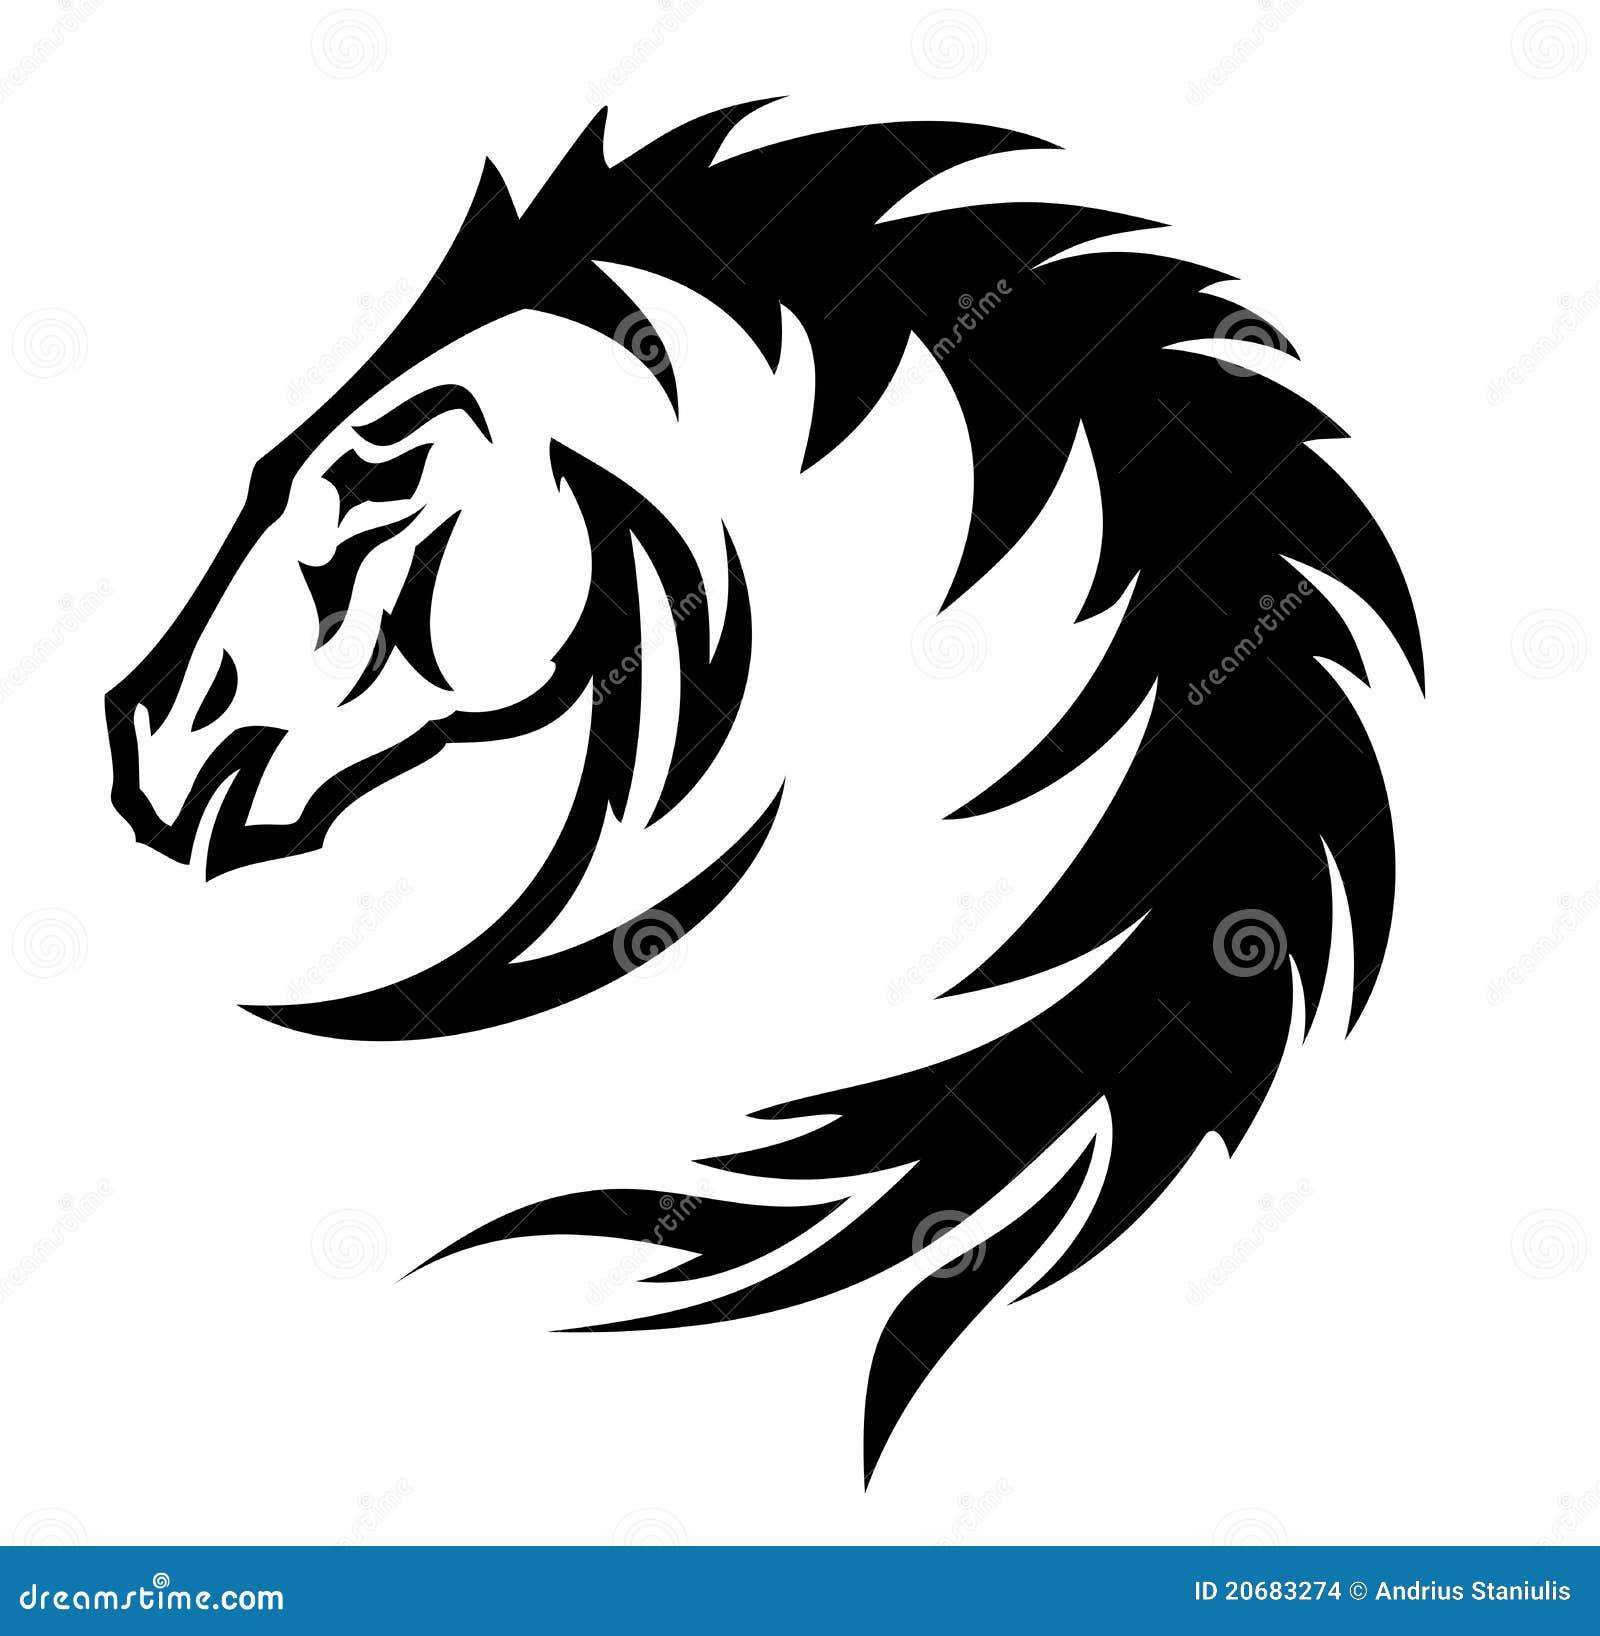 dream symbol horse